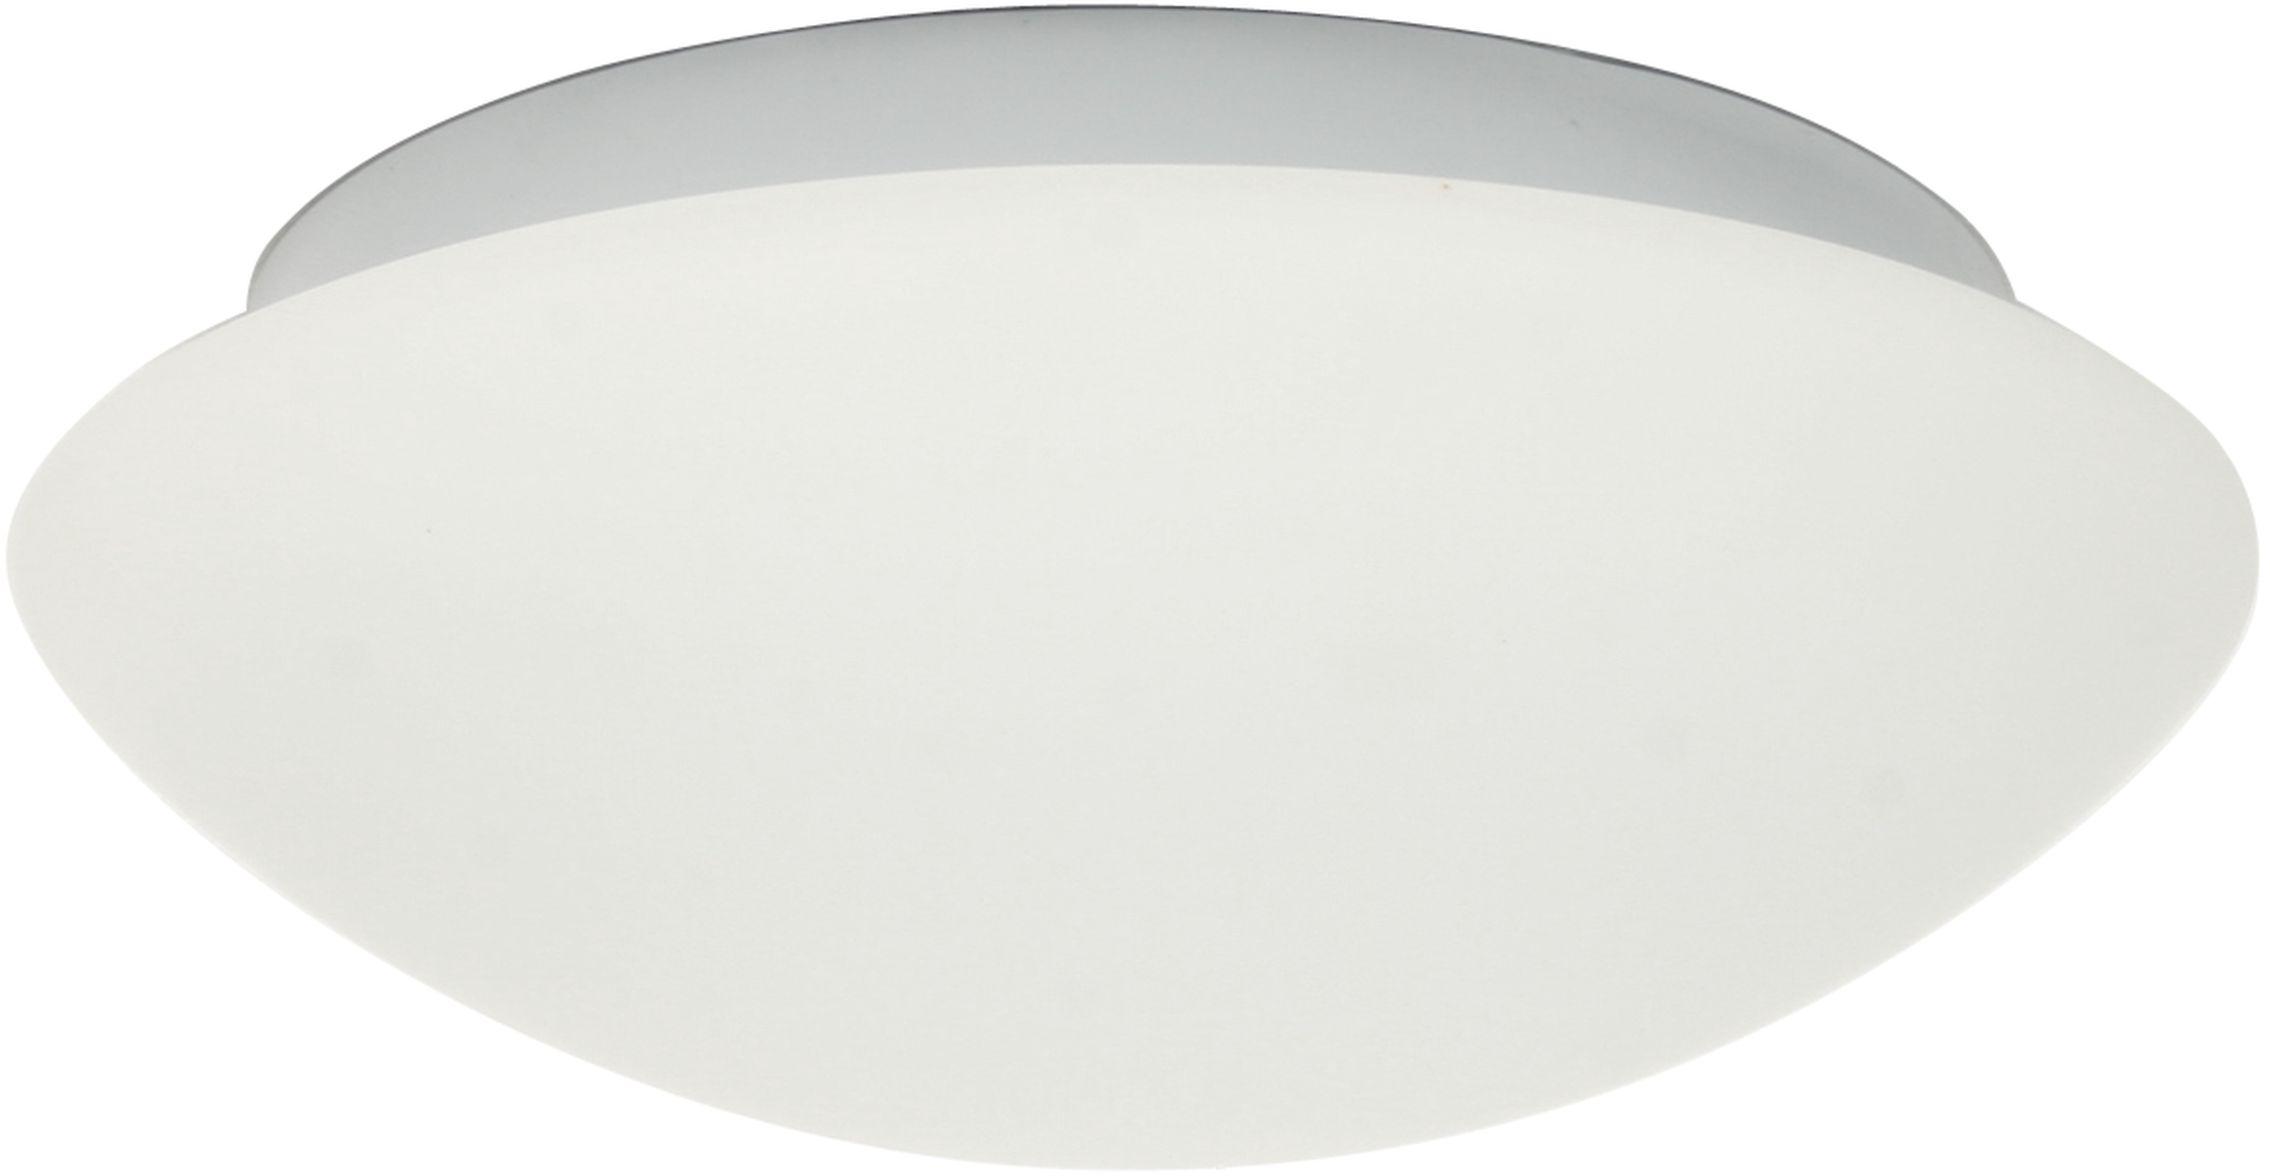 Candellux NINA 13-74235 plafon lampa sufitowa biała szklany klosz 1X60W E27 28cm